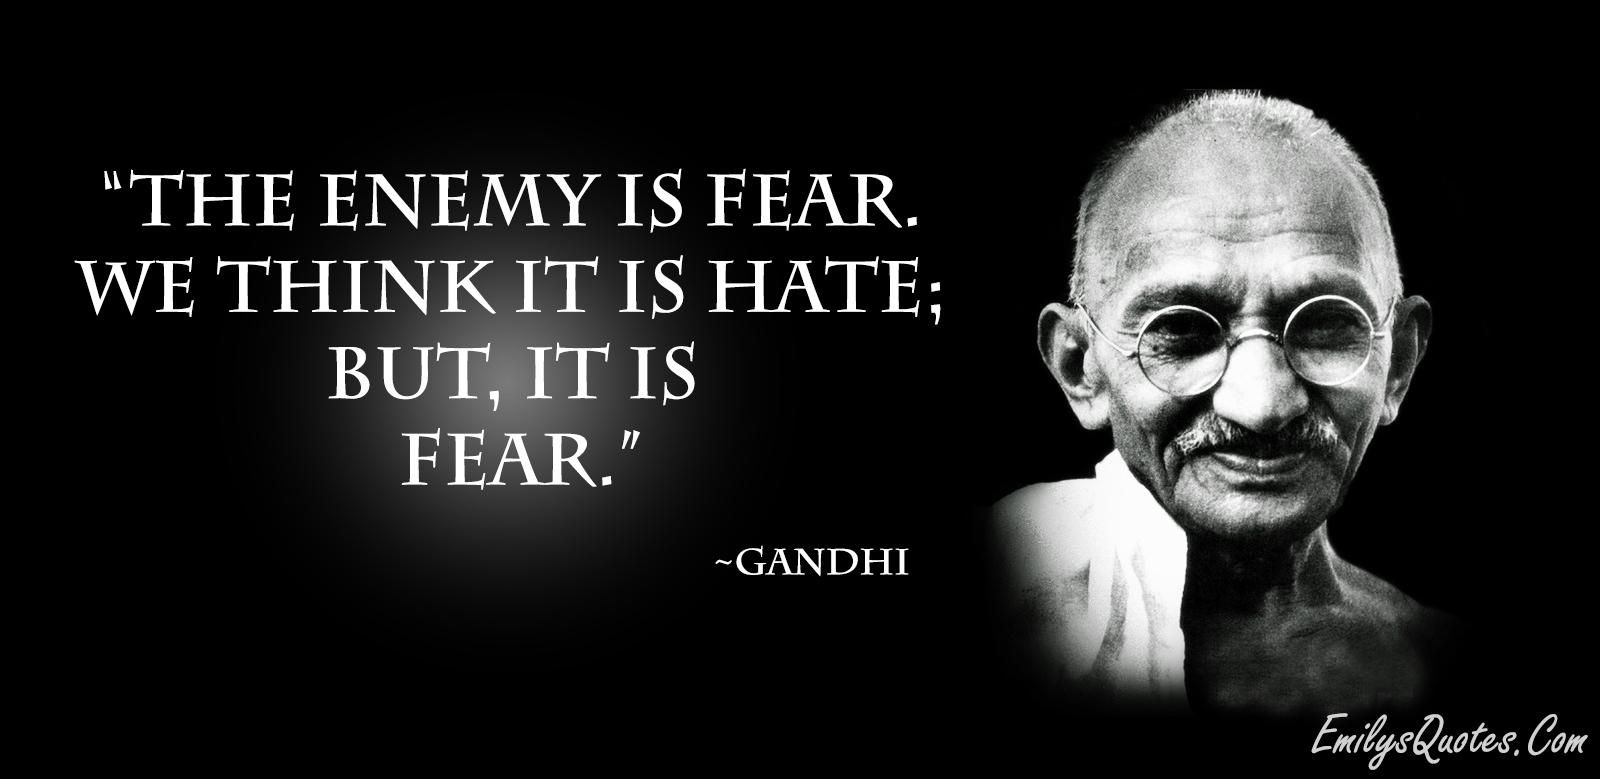 EmilysQuotes.Com - fear, wisdom, hate, inspirational, Gandhi